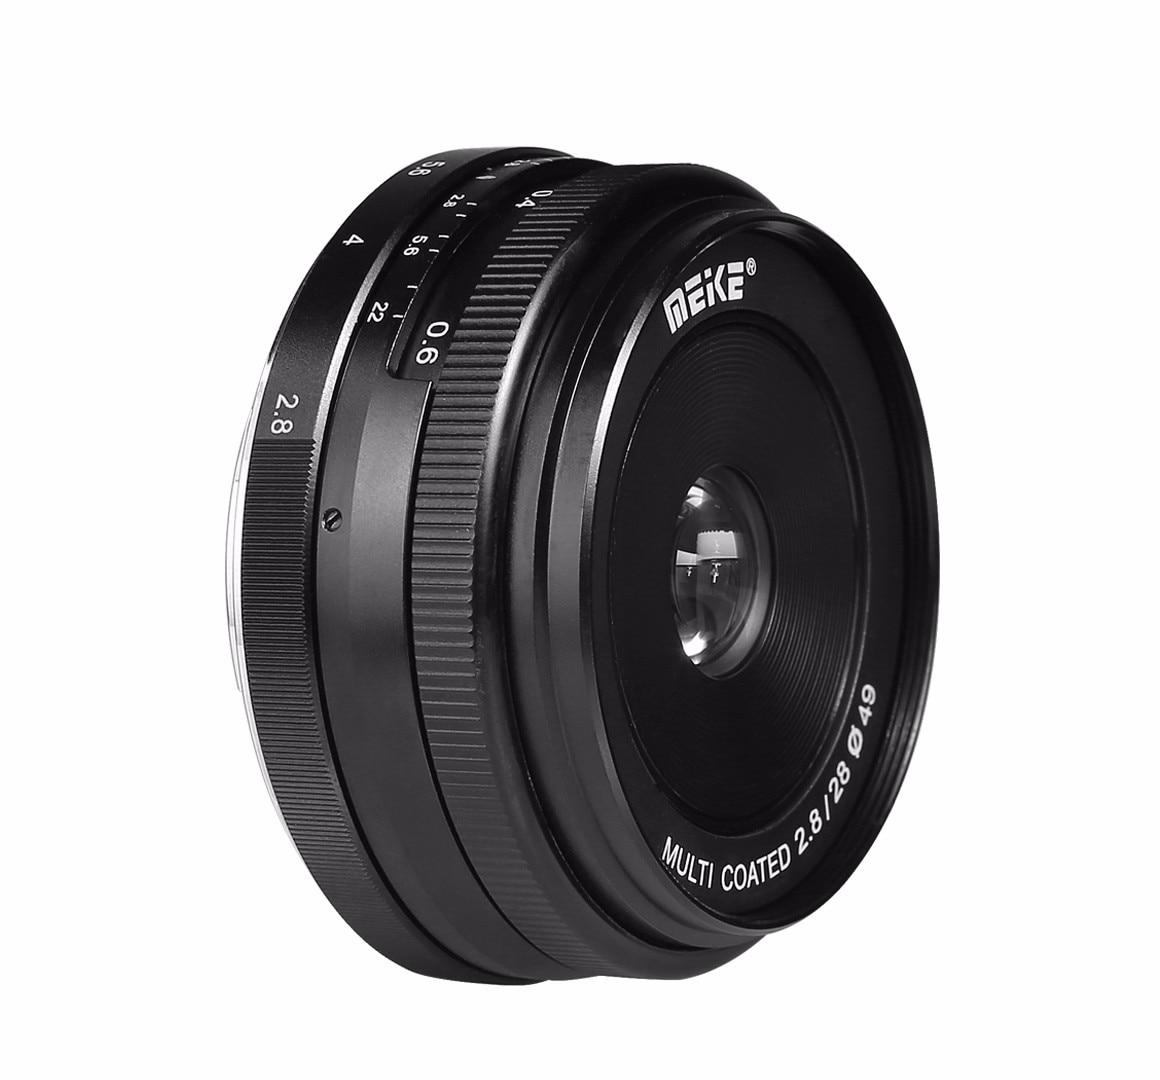 Meike MK-EF-M-28-2.8 28mm f/2.8 objectif de mise au point manuelle fixe pour Canon EOS M1 M2 M3